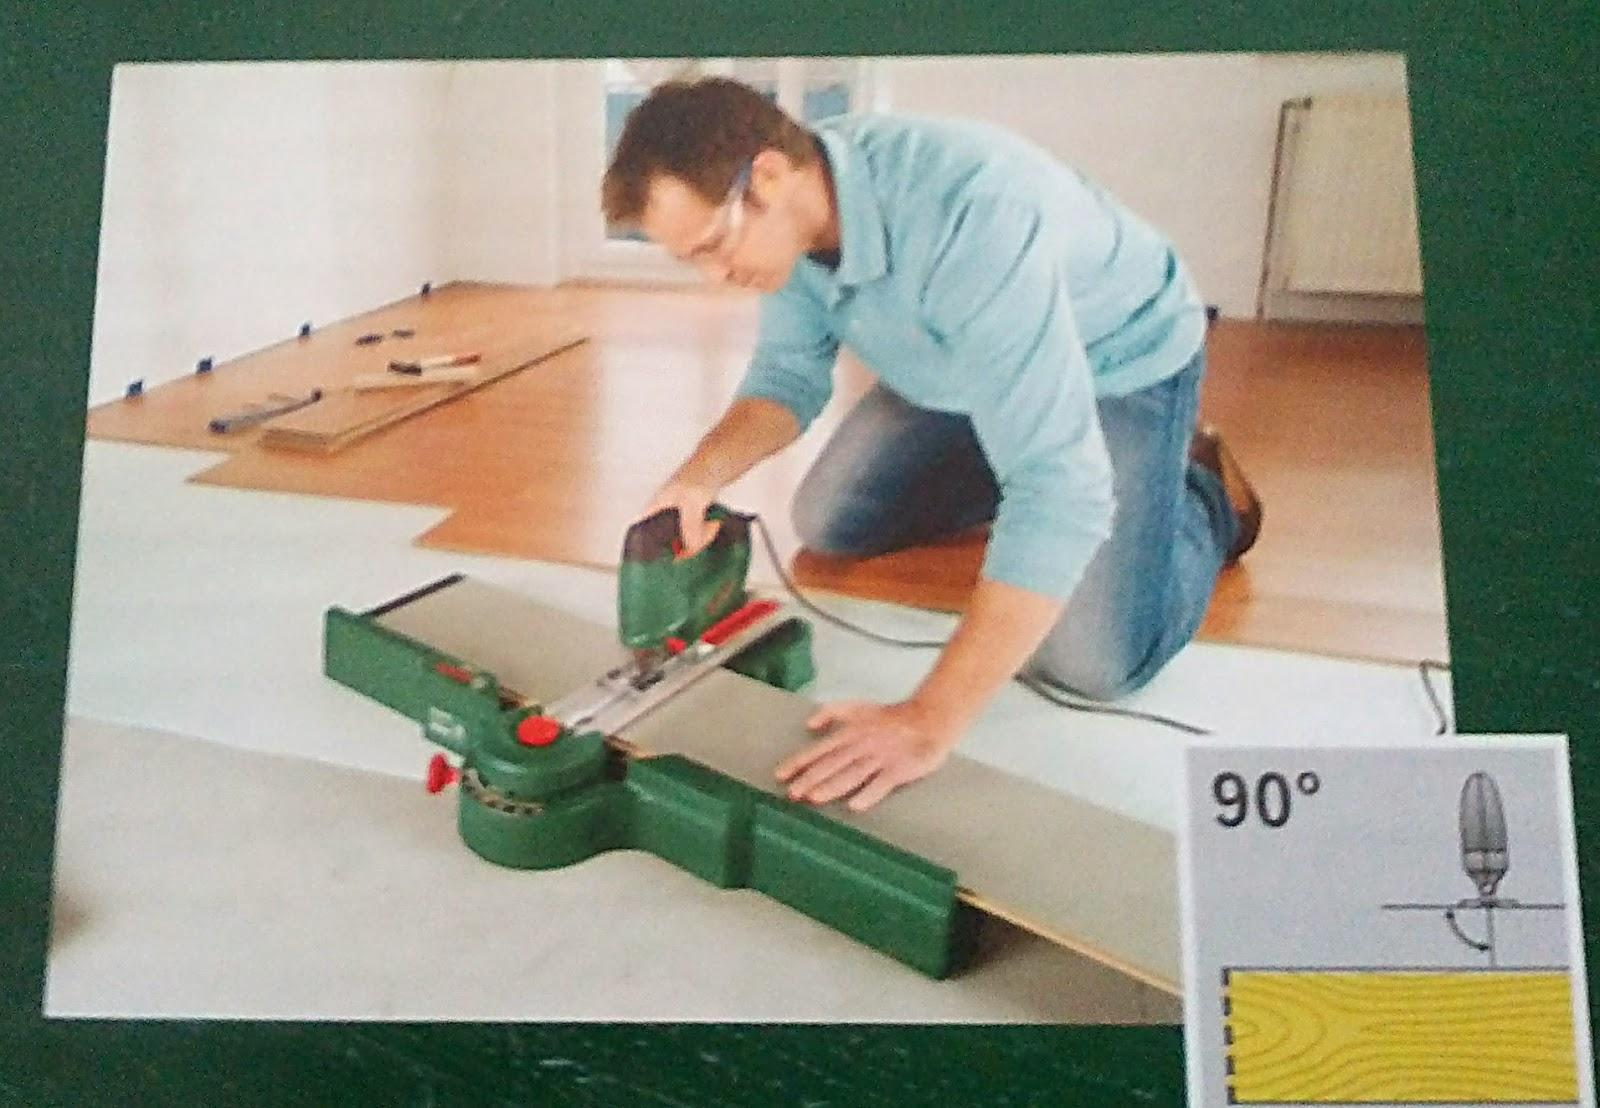 Пример использования приспособления Bosch PLS 300 для резки лобзиком